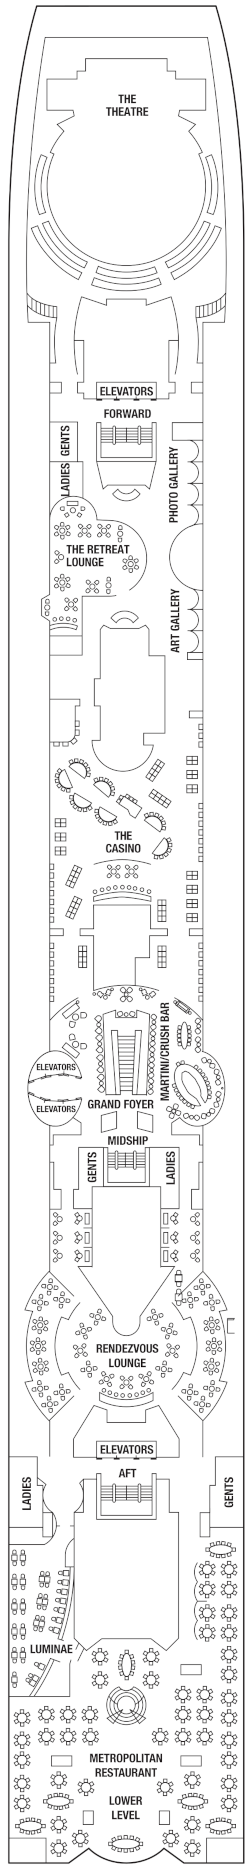 Celebrity Millennium Deck 4 Deck Plan